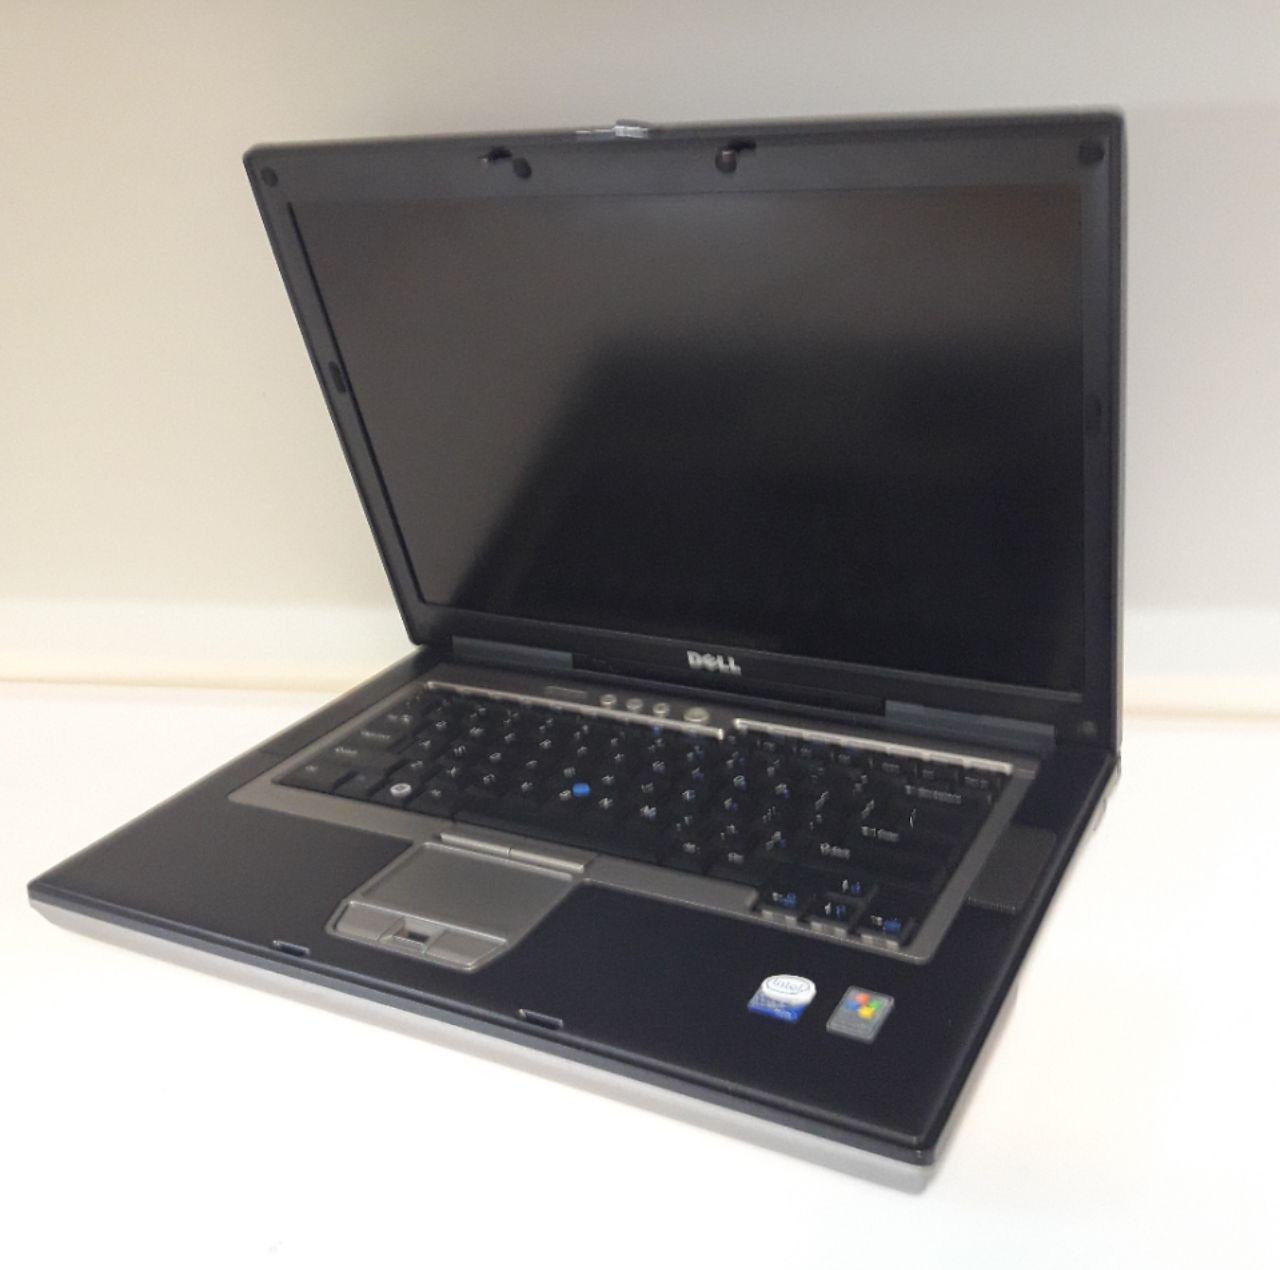 لپ تاپ DELL latitued D820